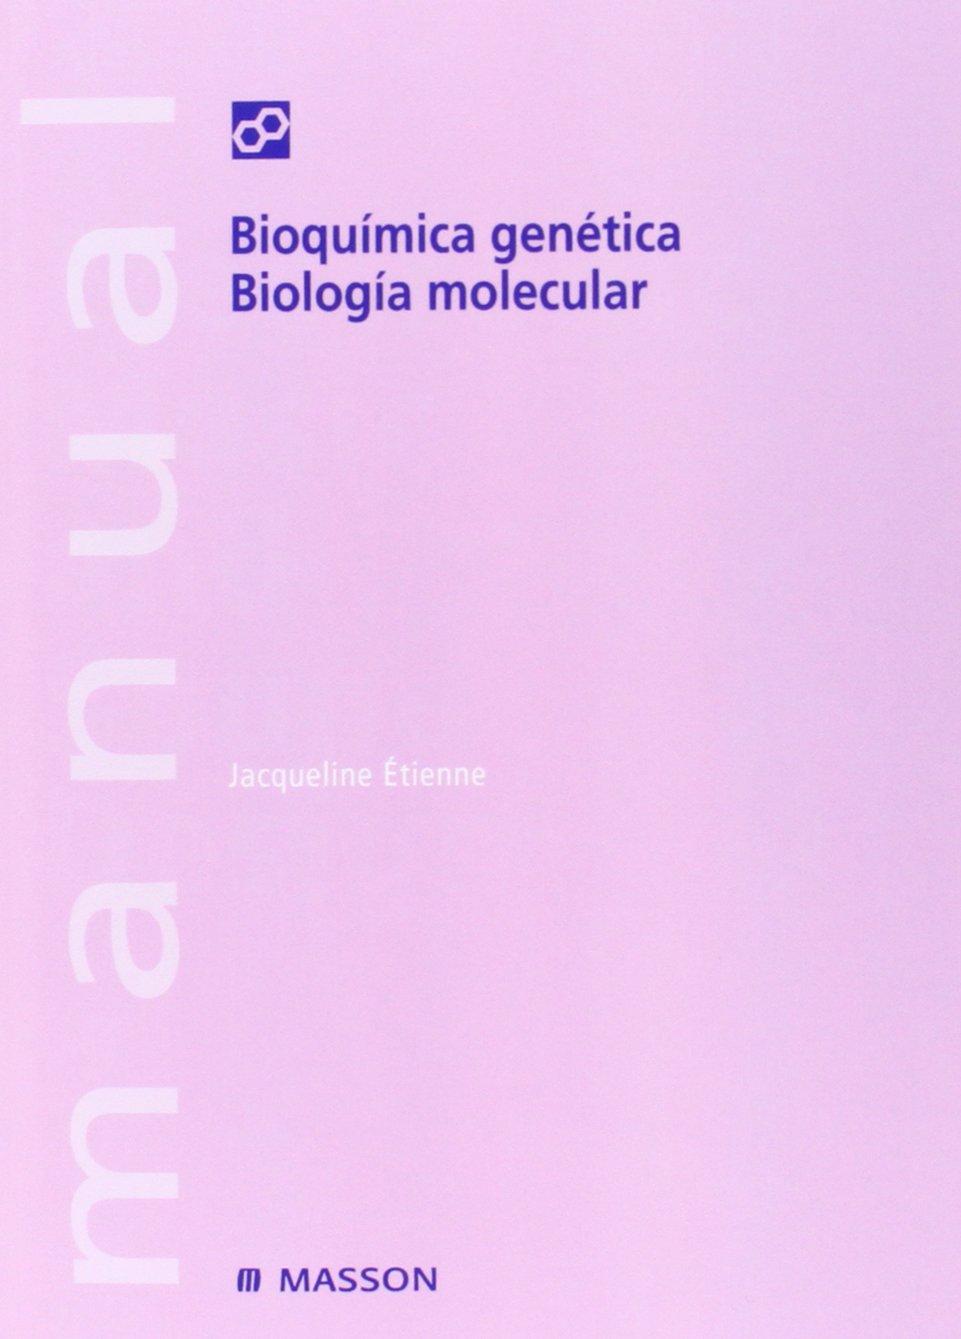 MANUAL. BIOQUÍMICA GENÉTICA. BIOLOGÍA MOLECULAR (Spanish ...